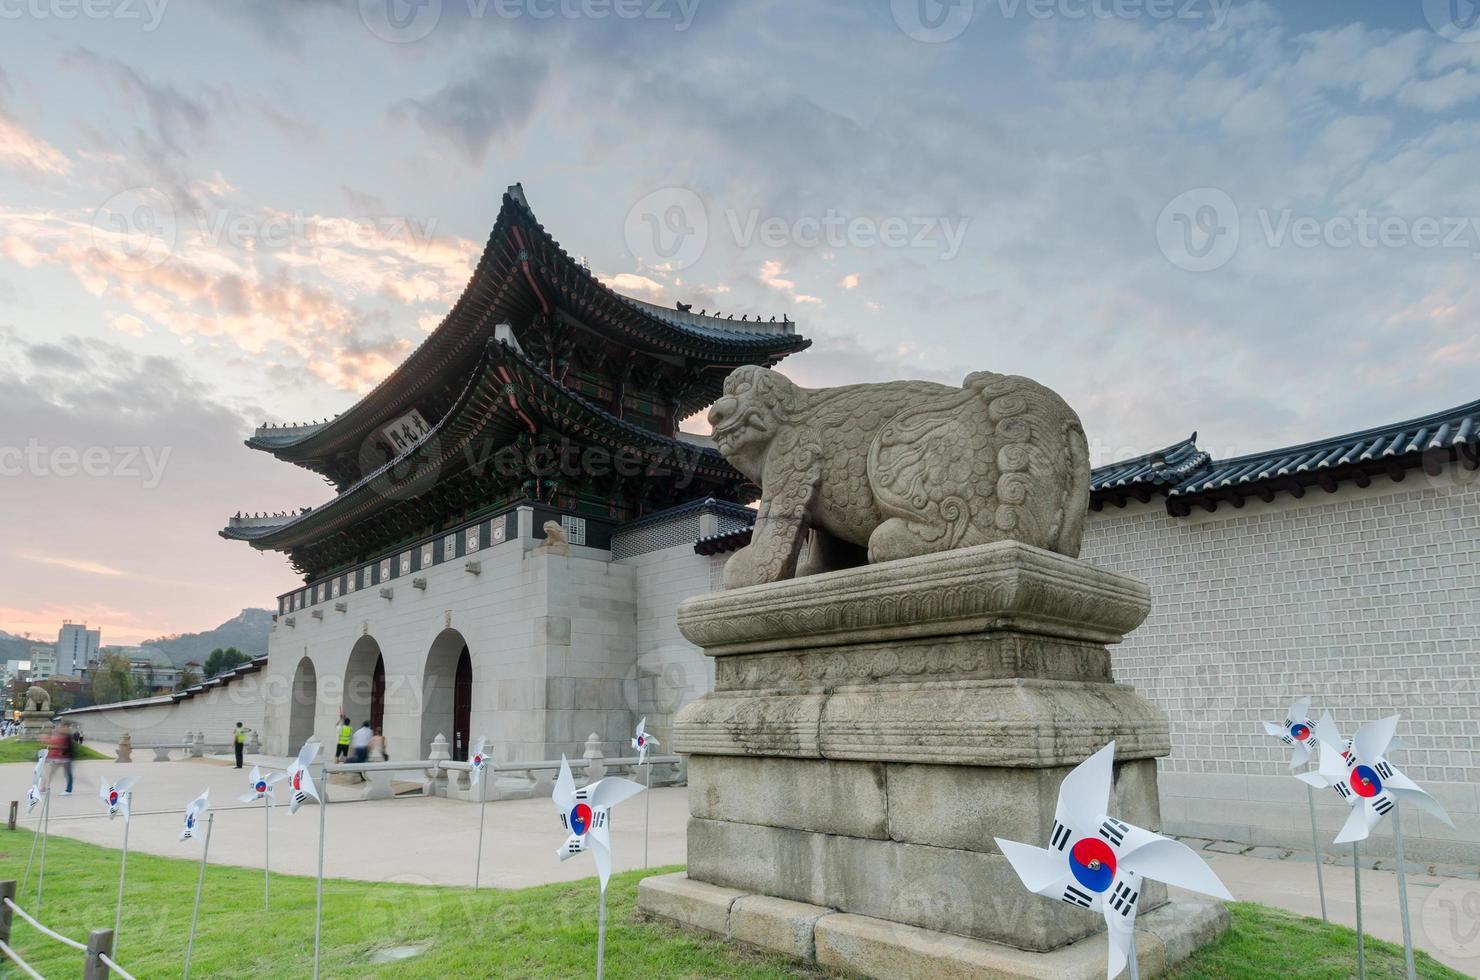 palácio gyeongbokgung em seul, coreia do sul foto